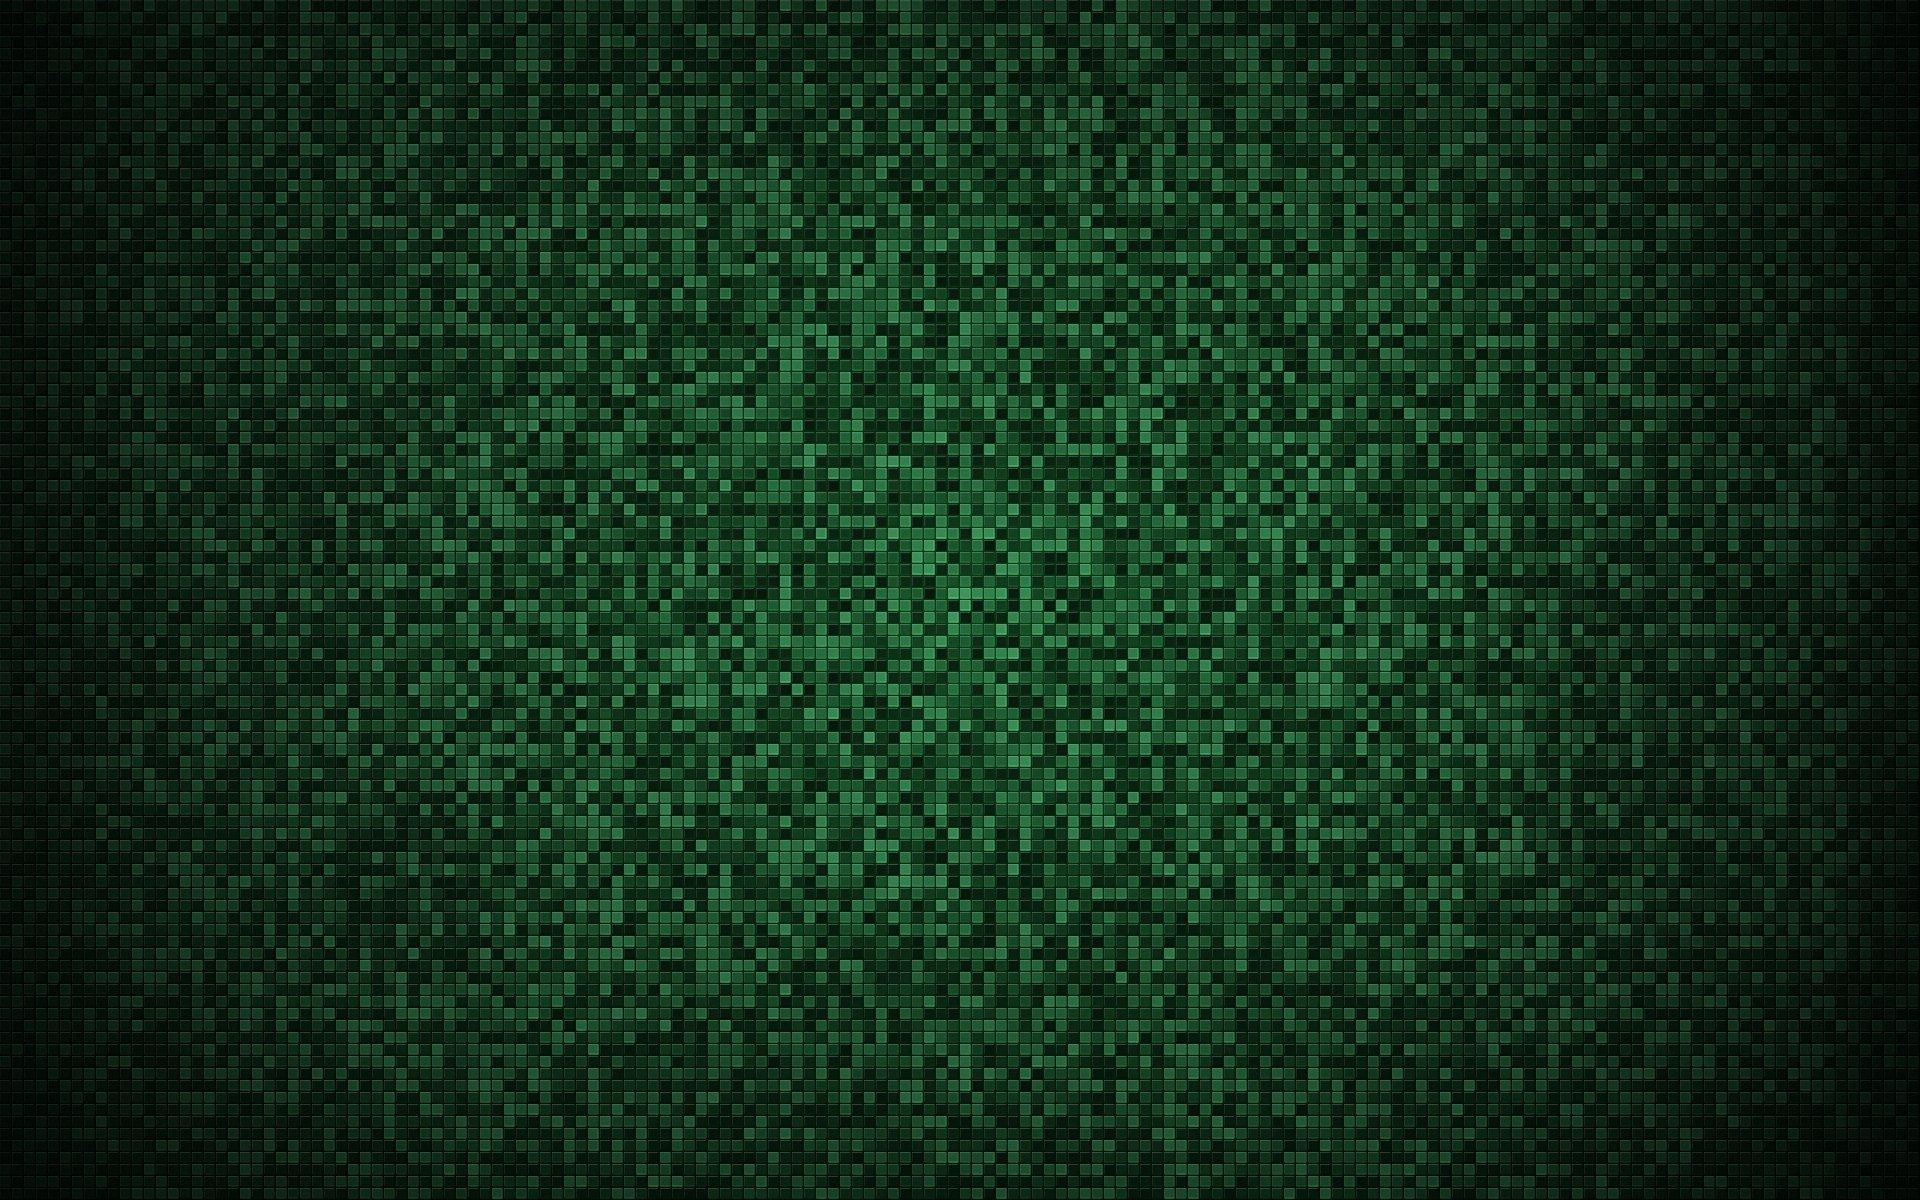 Patrón - Square  Verde Abstracto Digital Arte digital Patrón Fondo de Pantalla